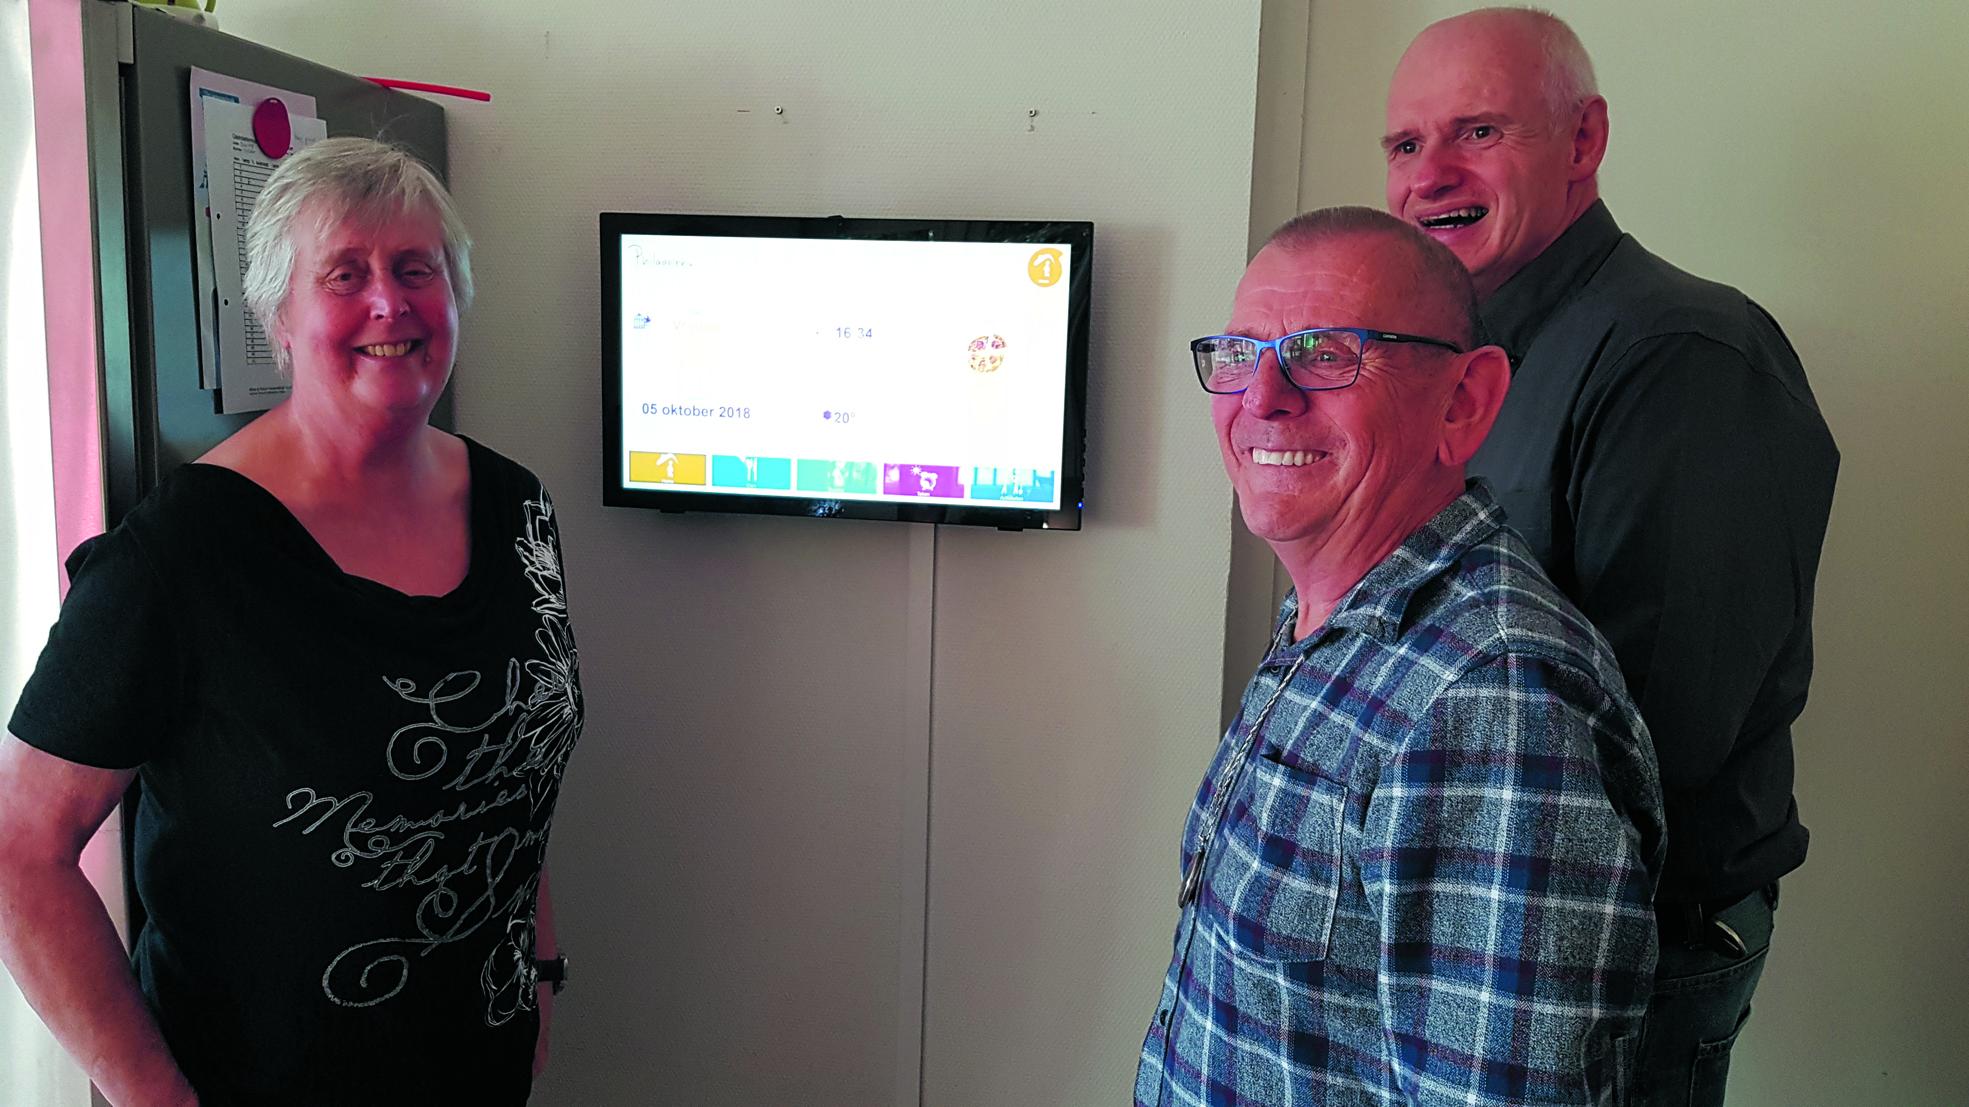 De bewoners Marjan, Gerrit en Pieter (vlnr) zijn inmiddels gewend aan het digitale bord. (foto Rodi Media)